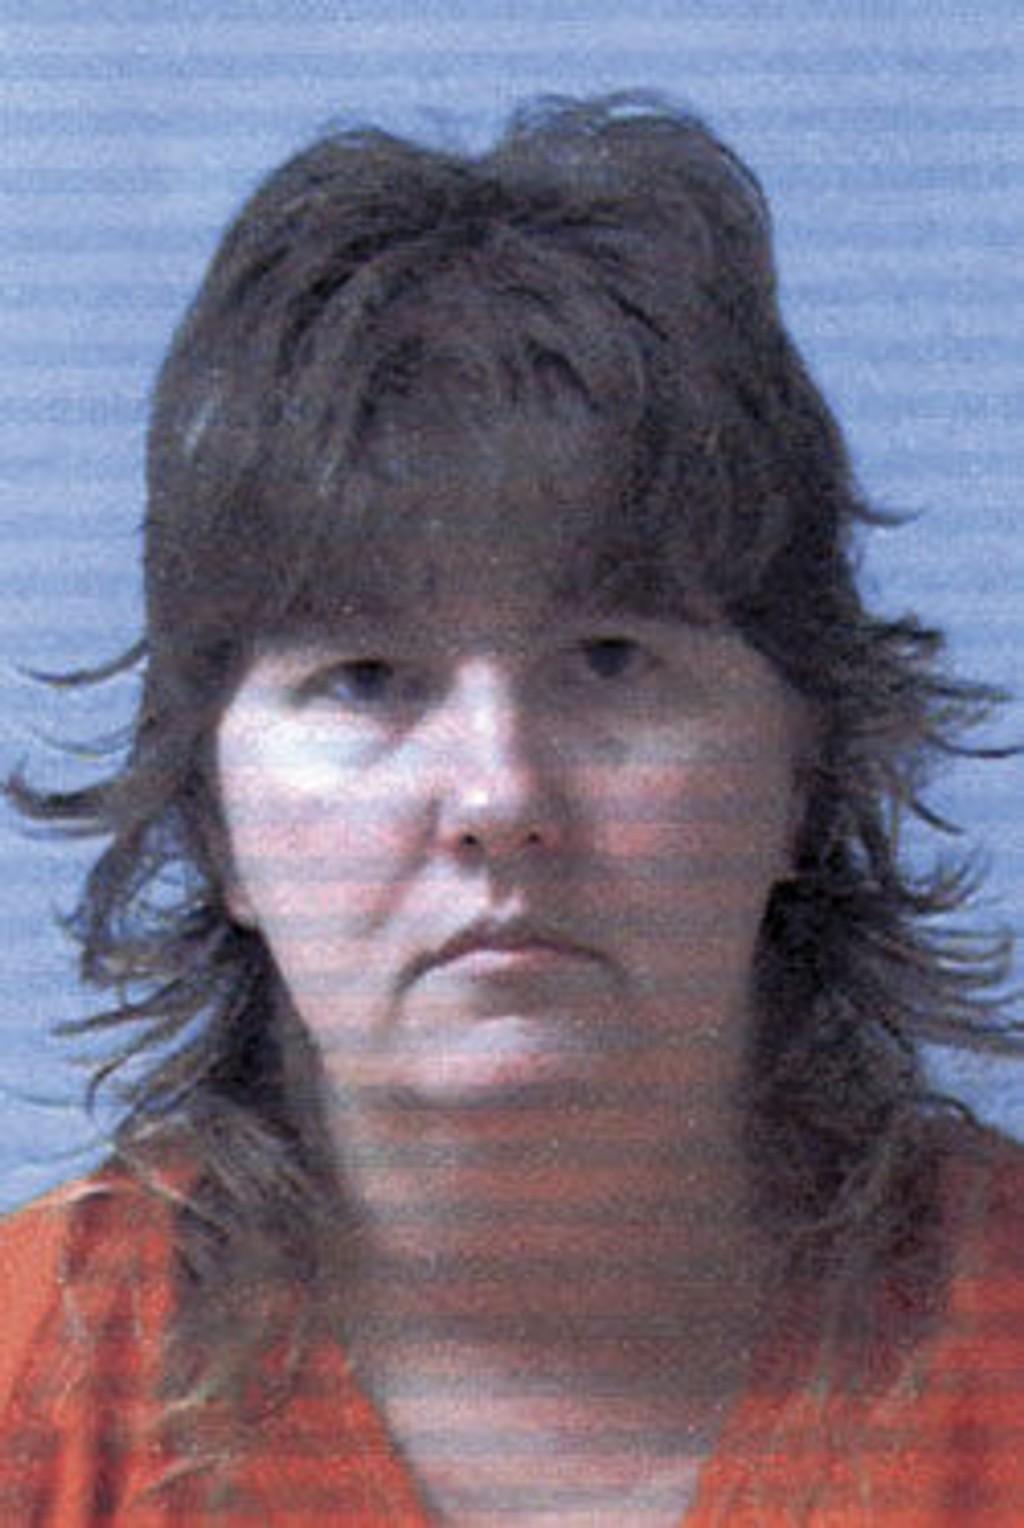 Peggy Jo Conner (38) er siktet for drapsforsøk på på naboen Valerie Oskin.